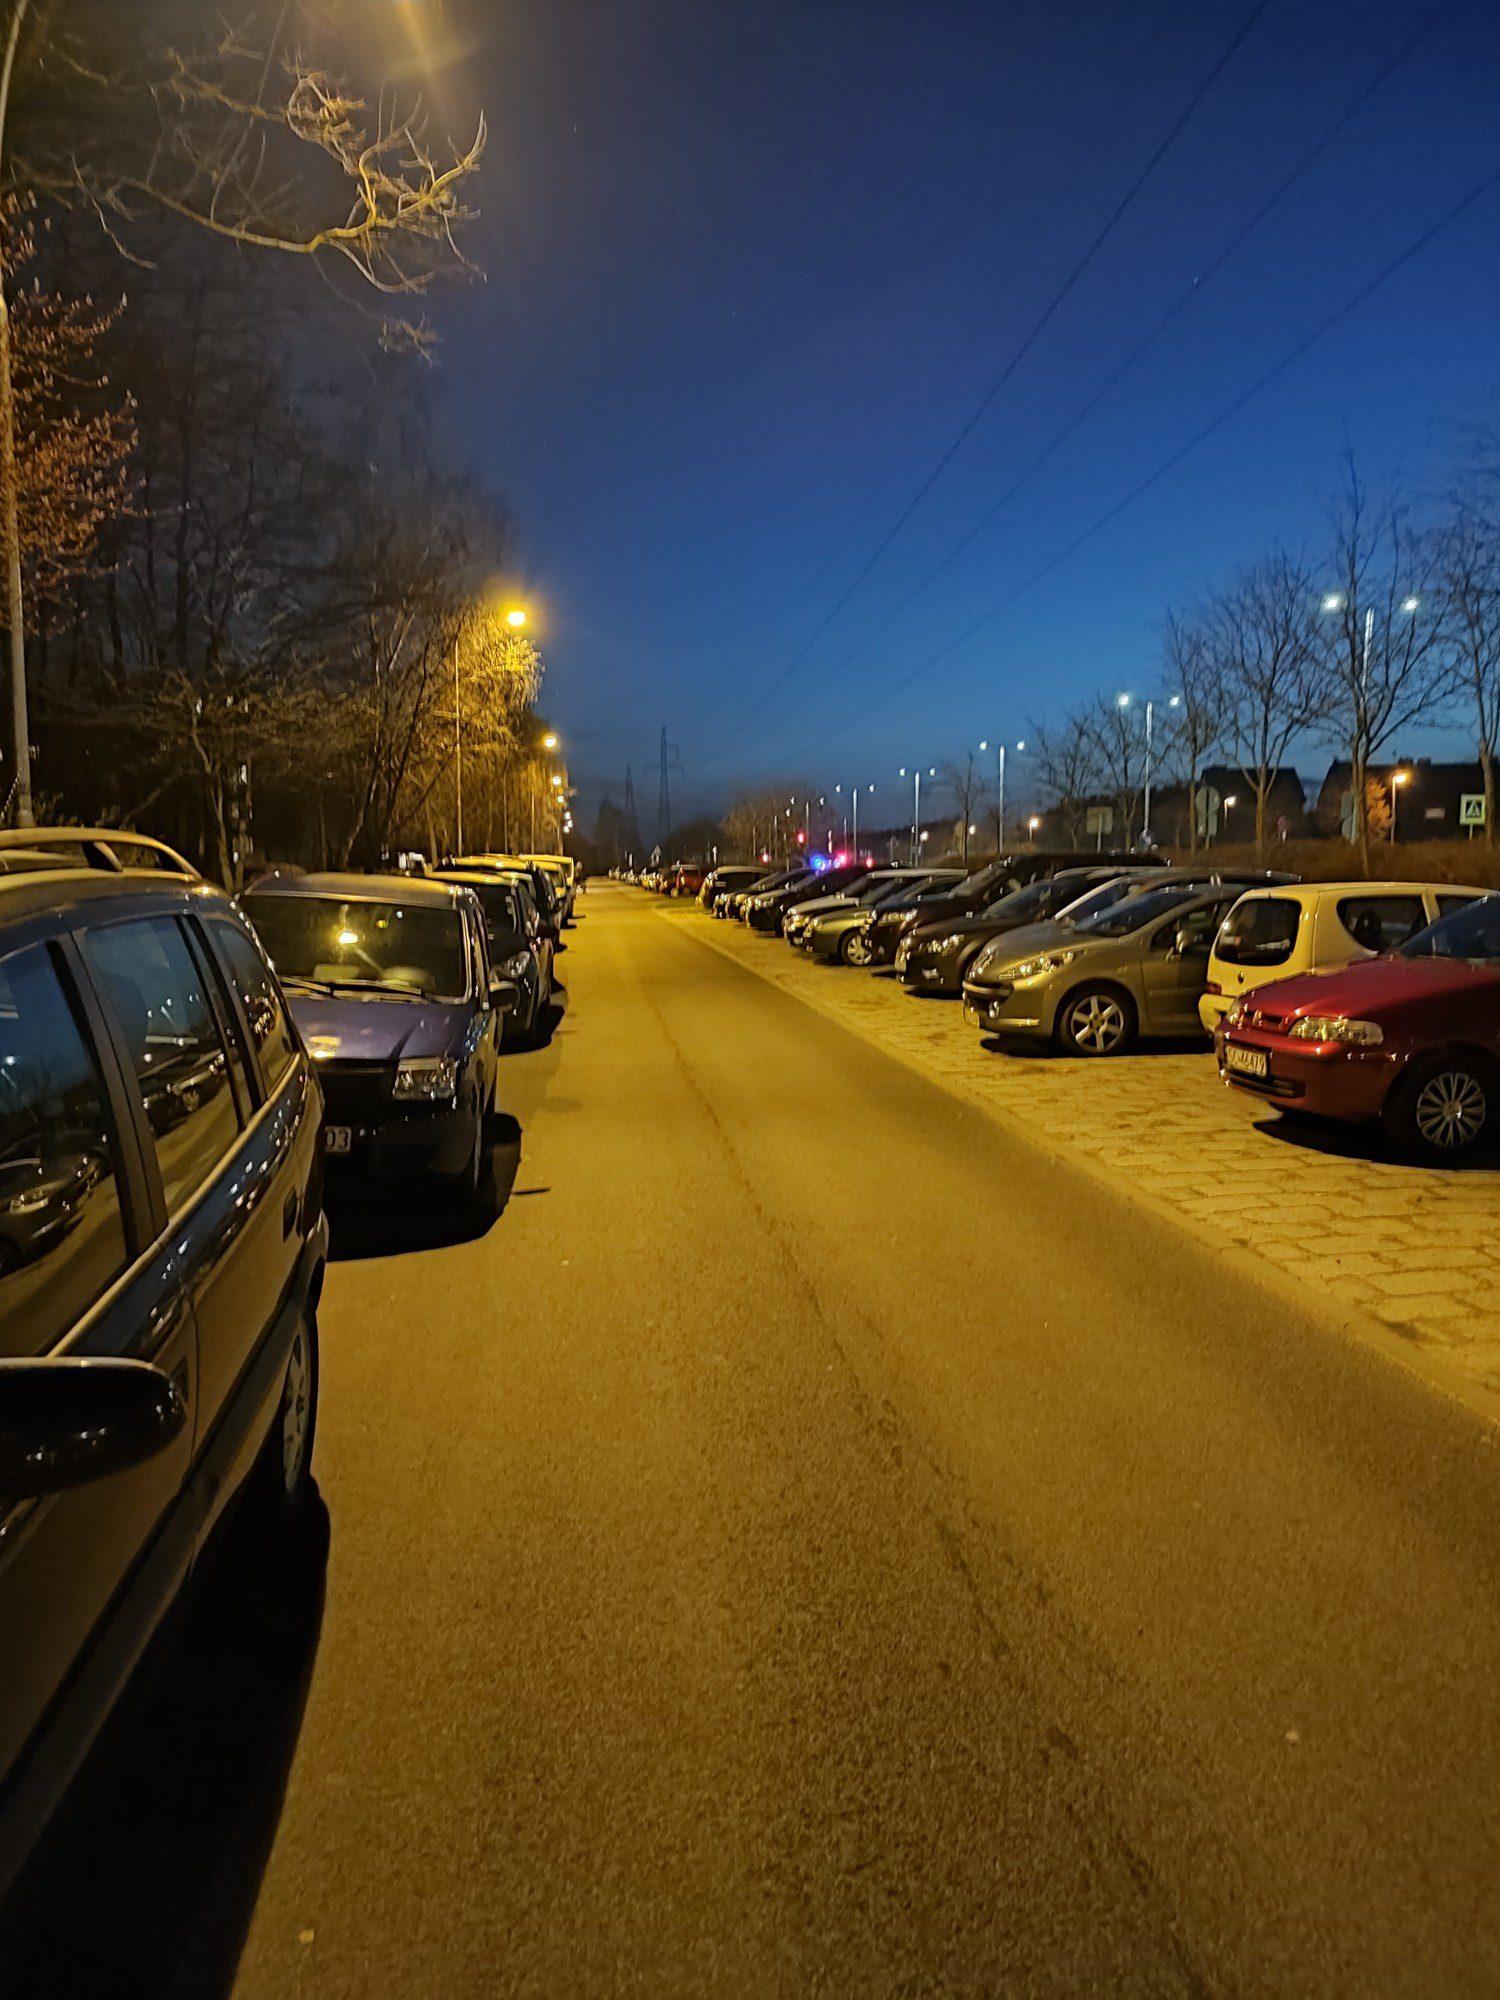 redmi note 10 pro zdjęcie nocne na ulicy